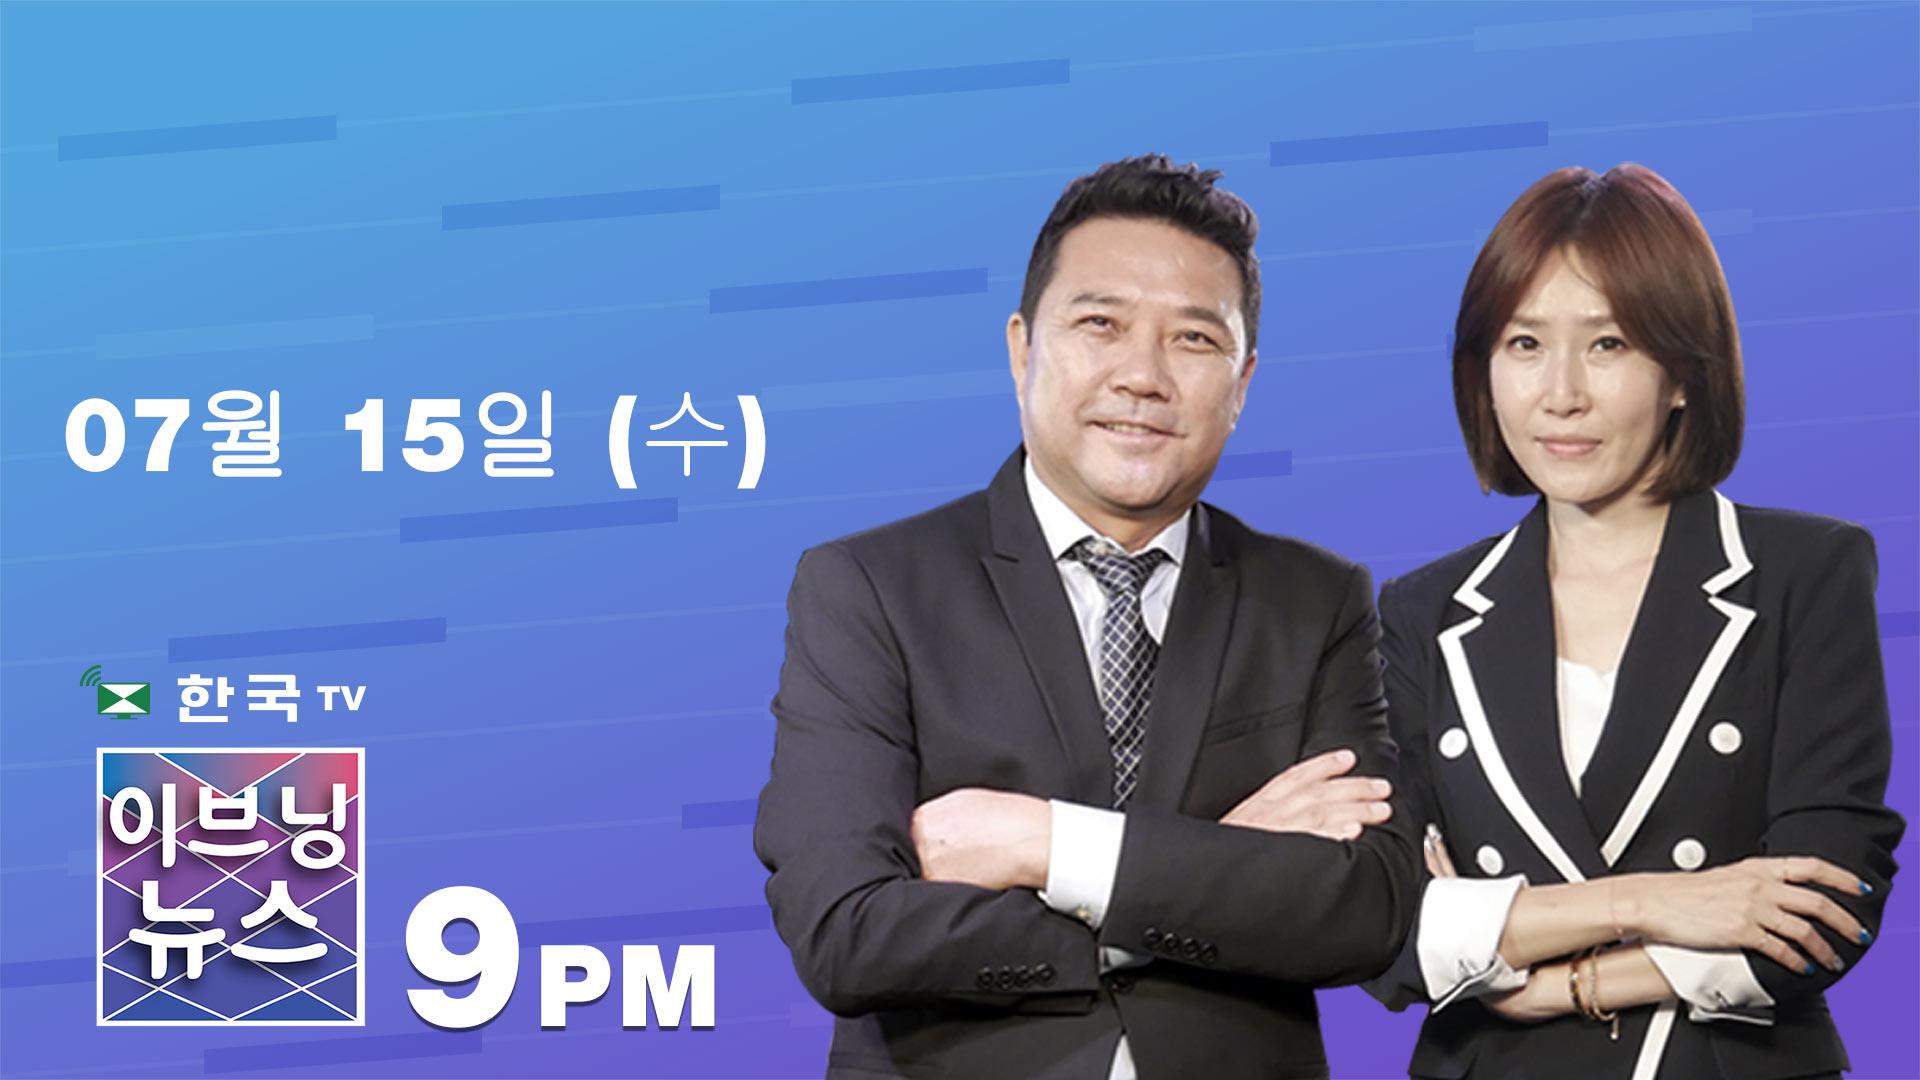 (07.15.2020) 한국TV 이브닝 뉴스